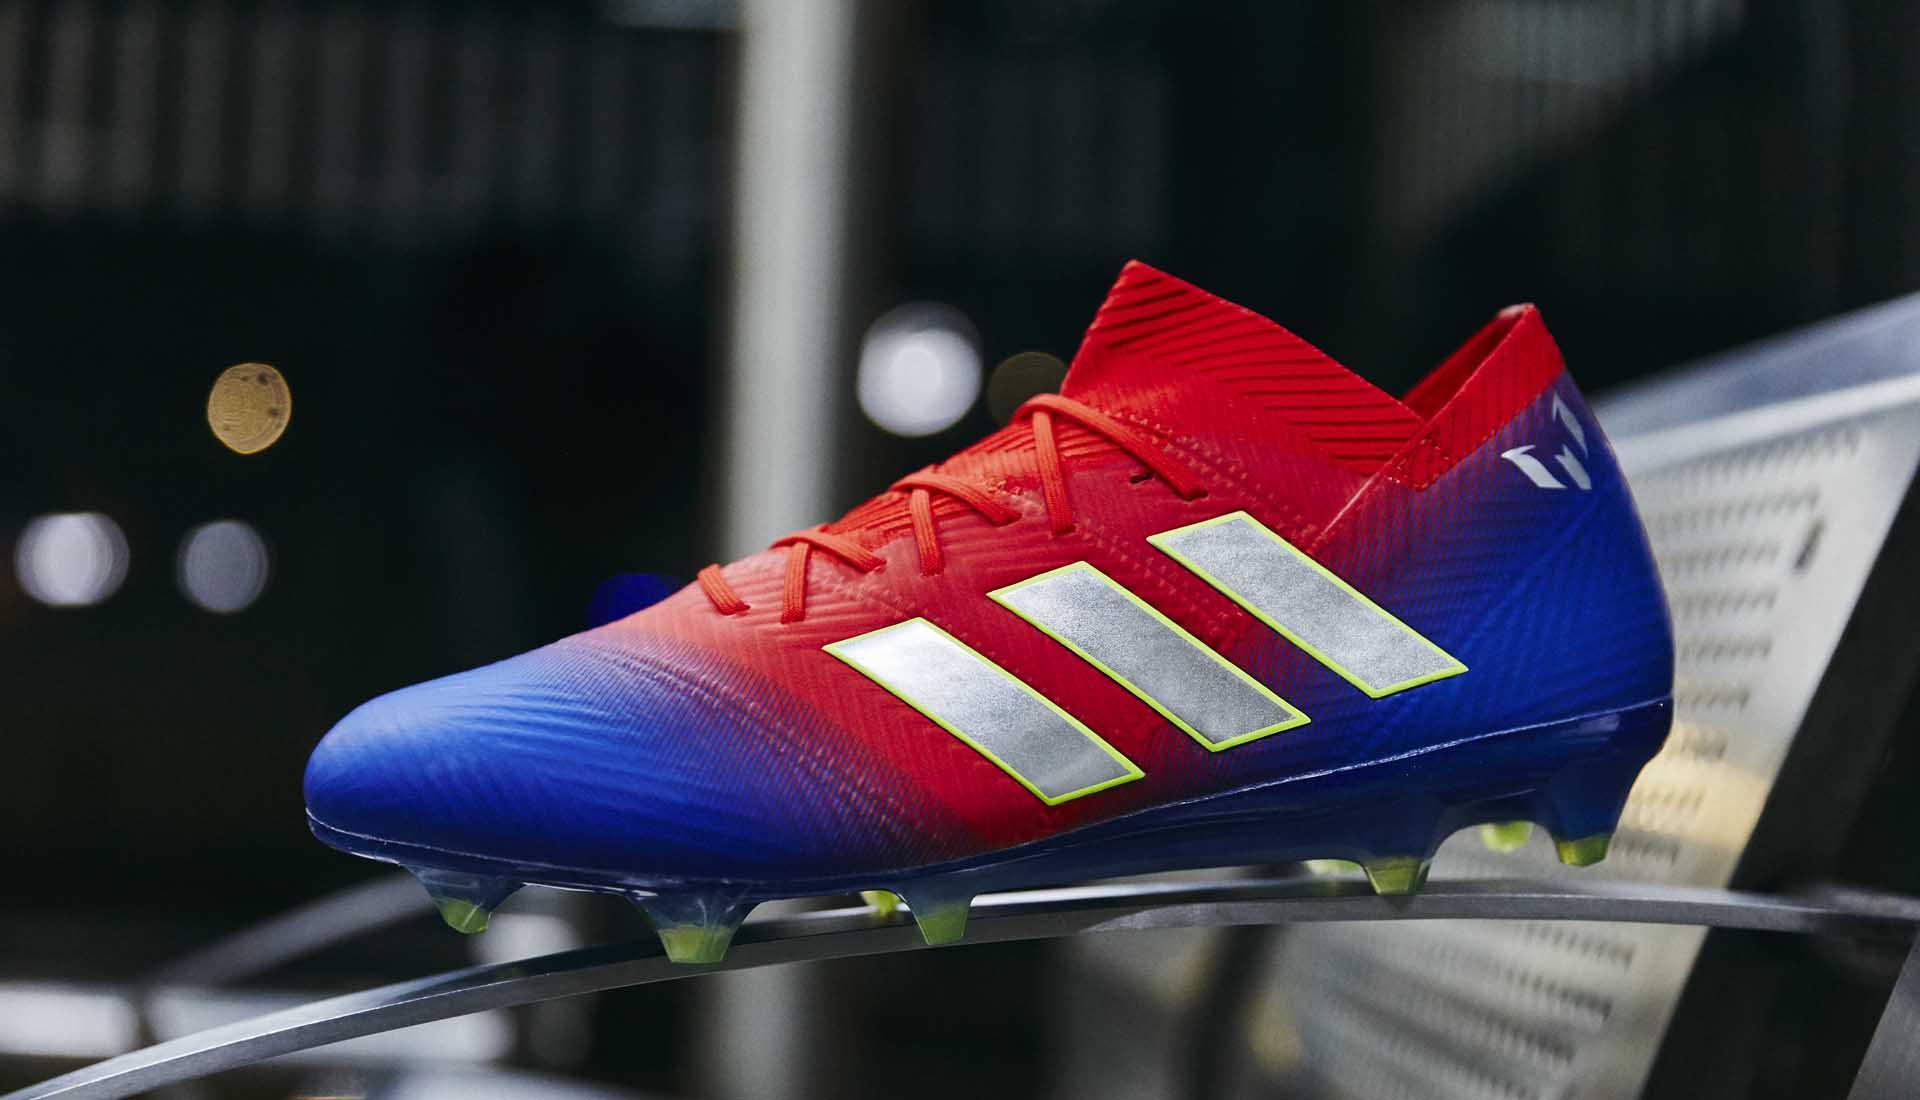 Giày đá bóng Adidas Nemeziz Messi 18.1 với gam màu áo đấu Barcelona